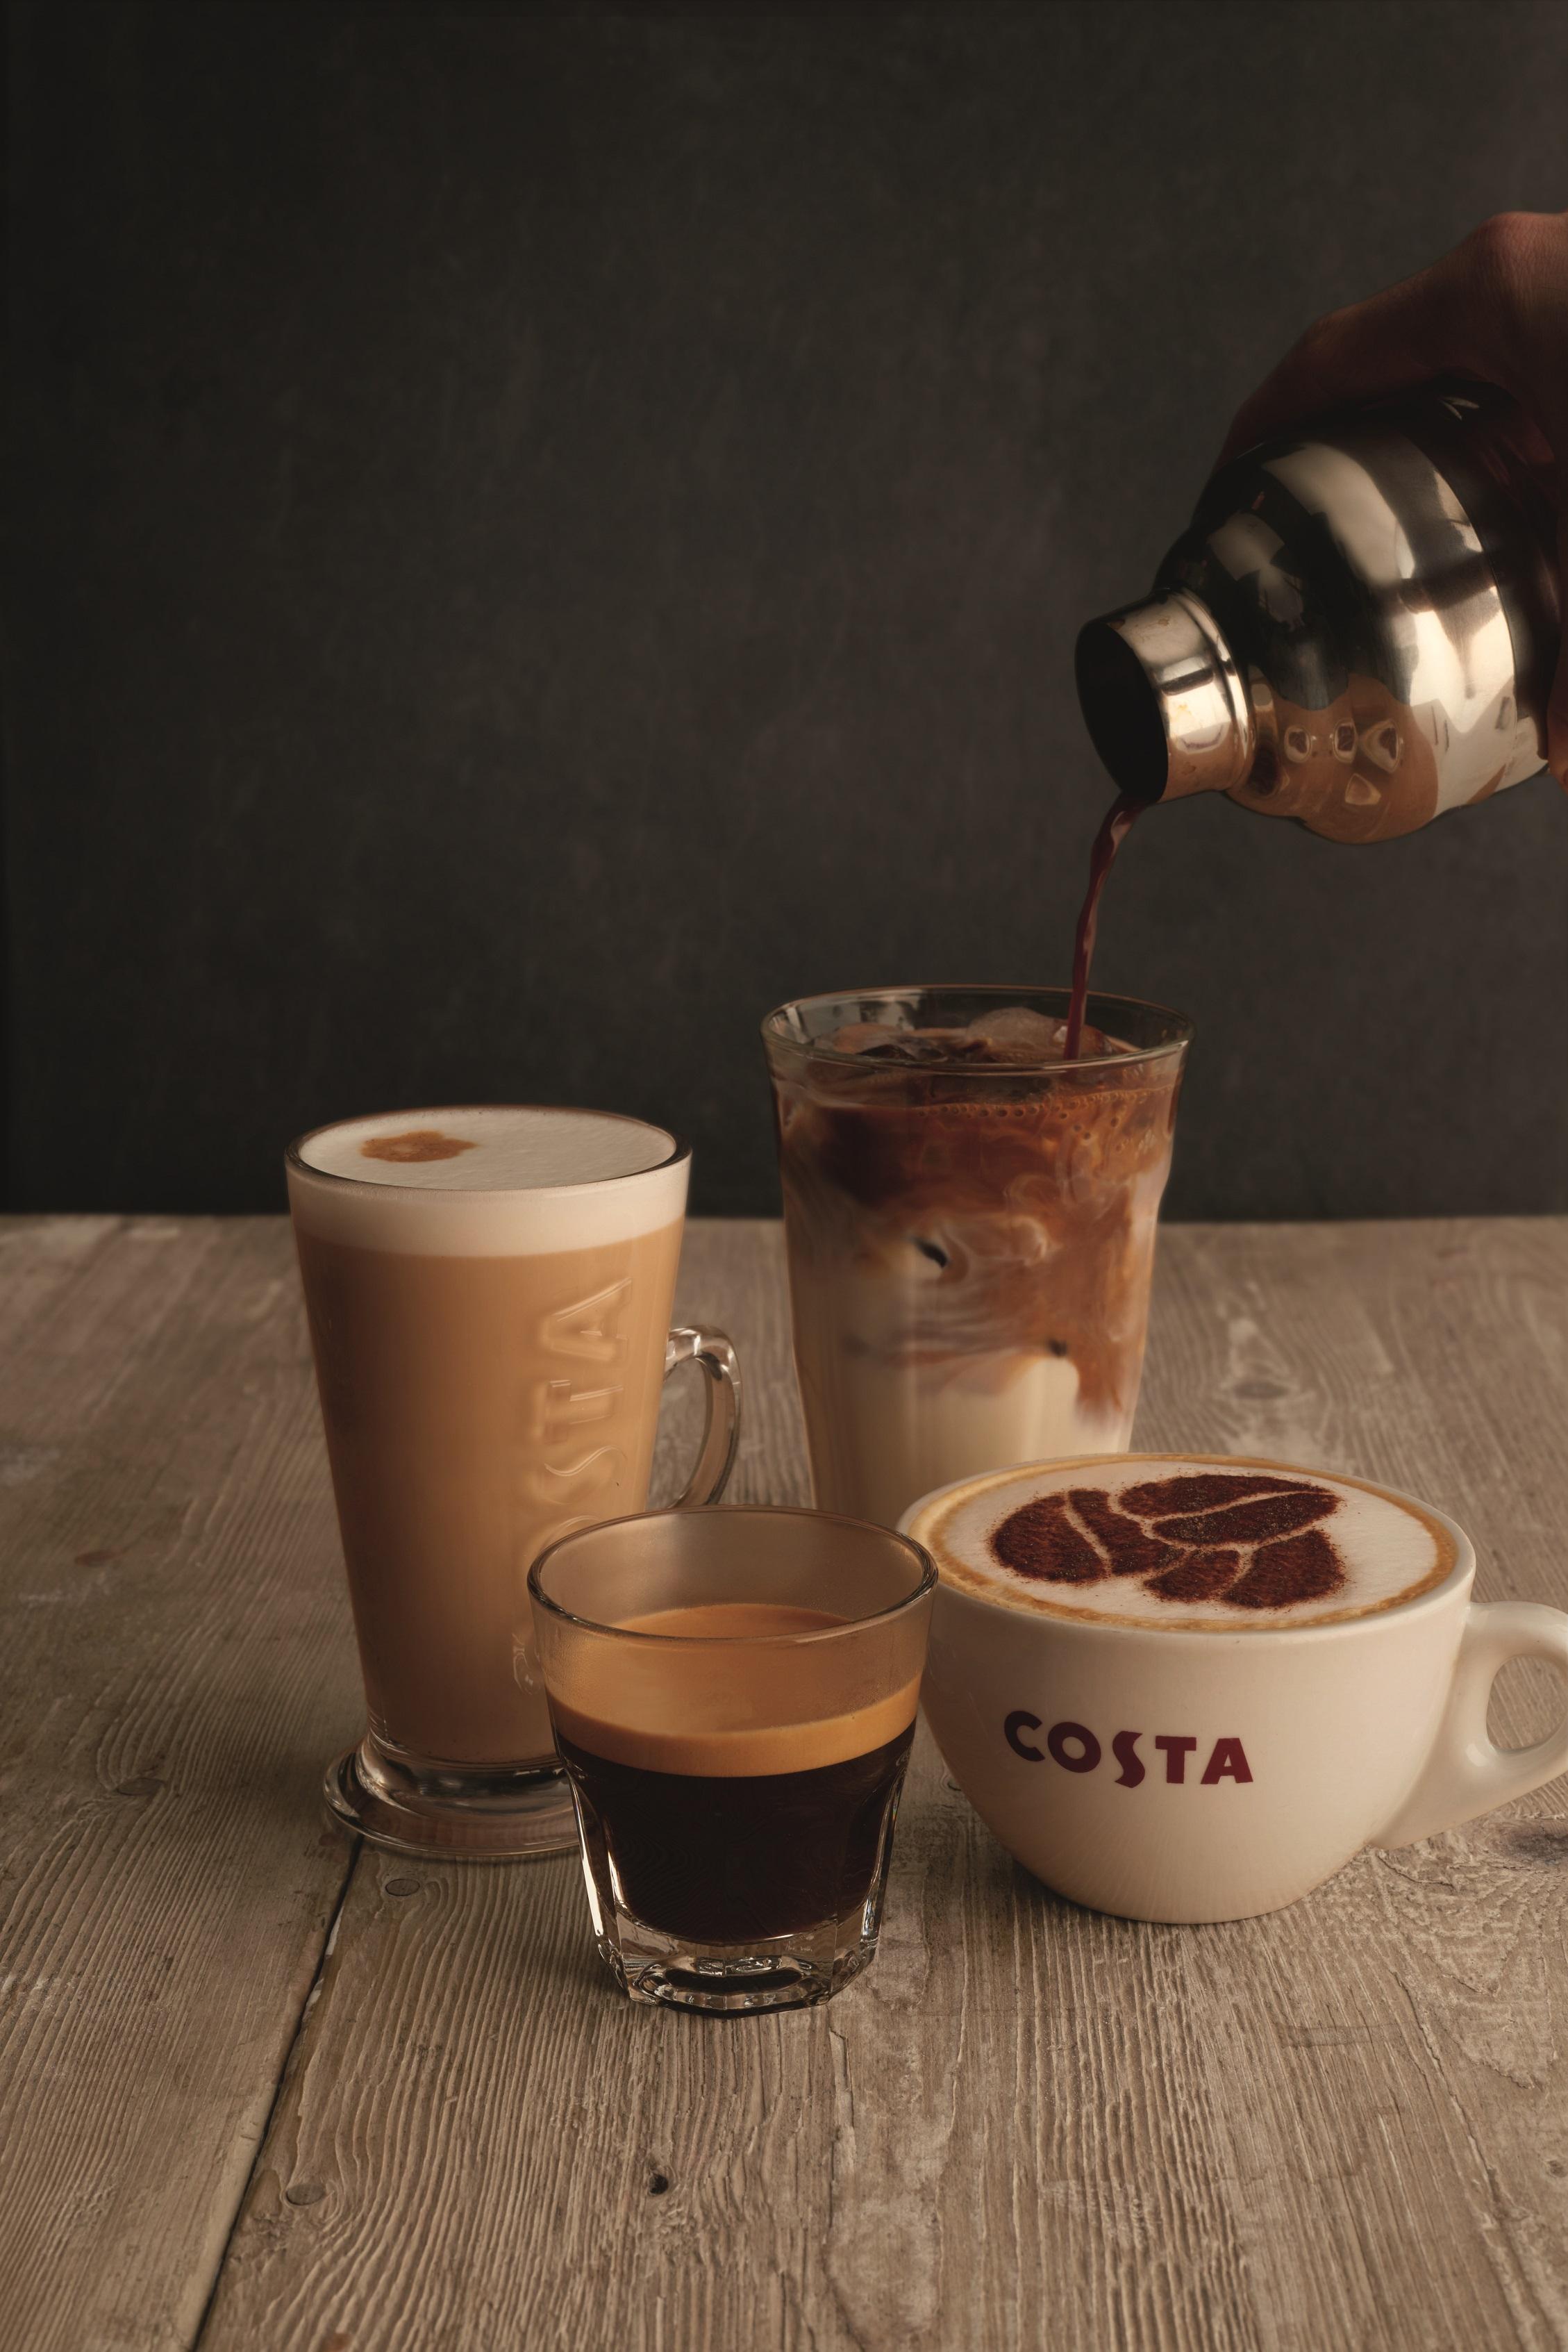 káva v různých šálcích